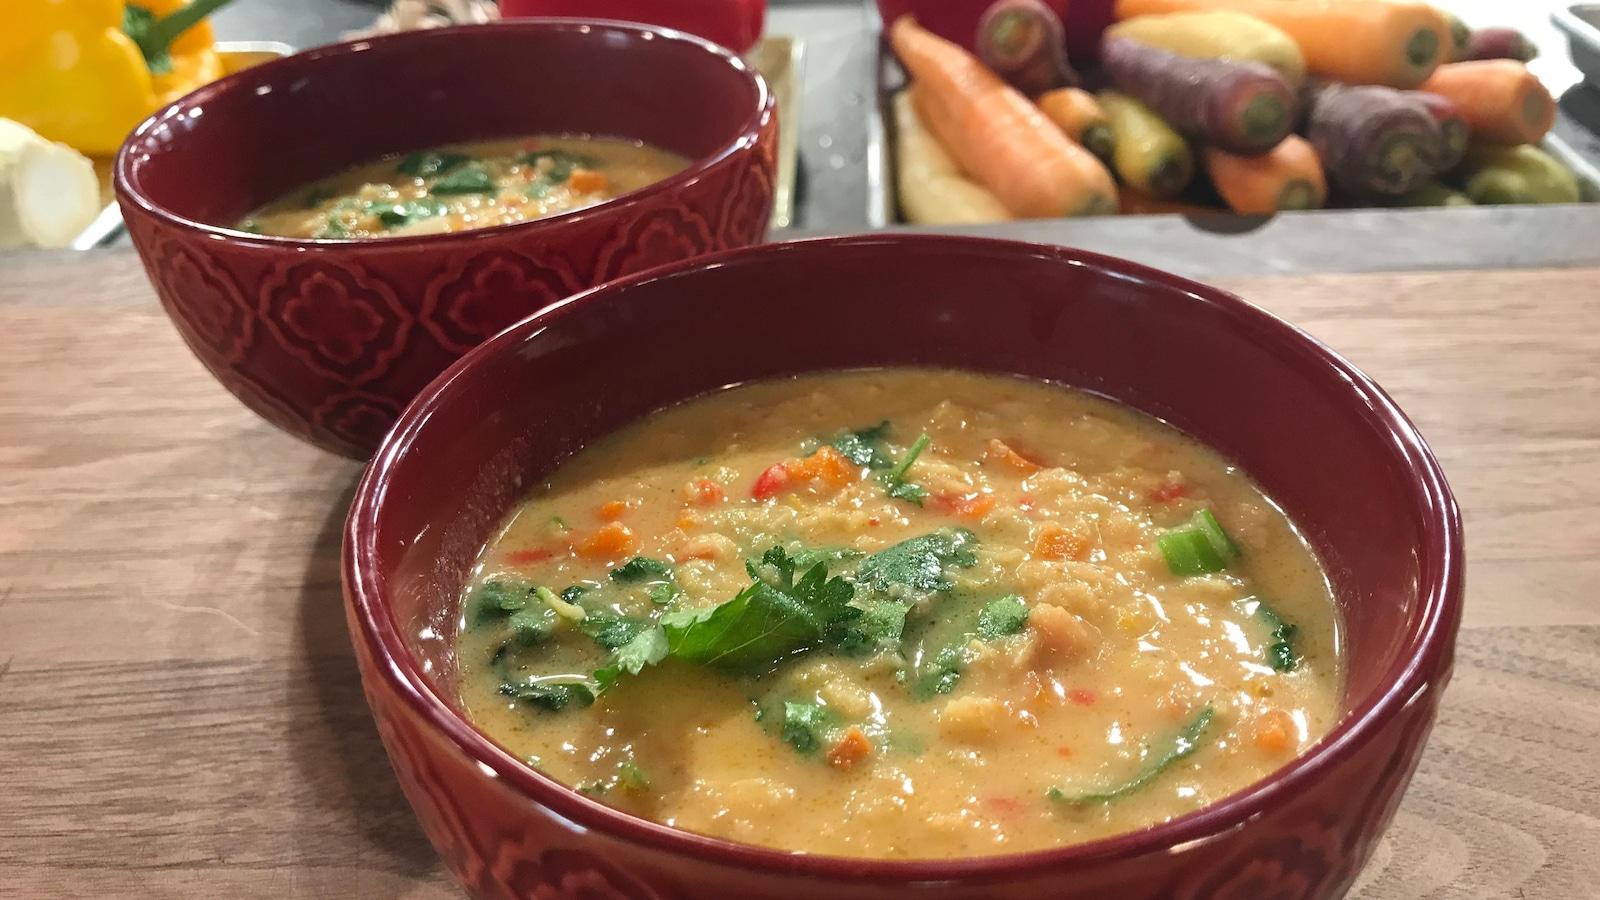 Un bol de soupe aux lentille et des légumes frais